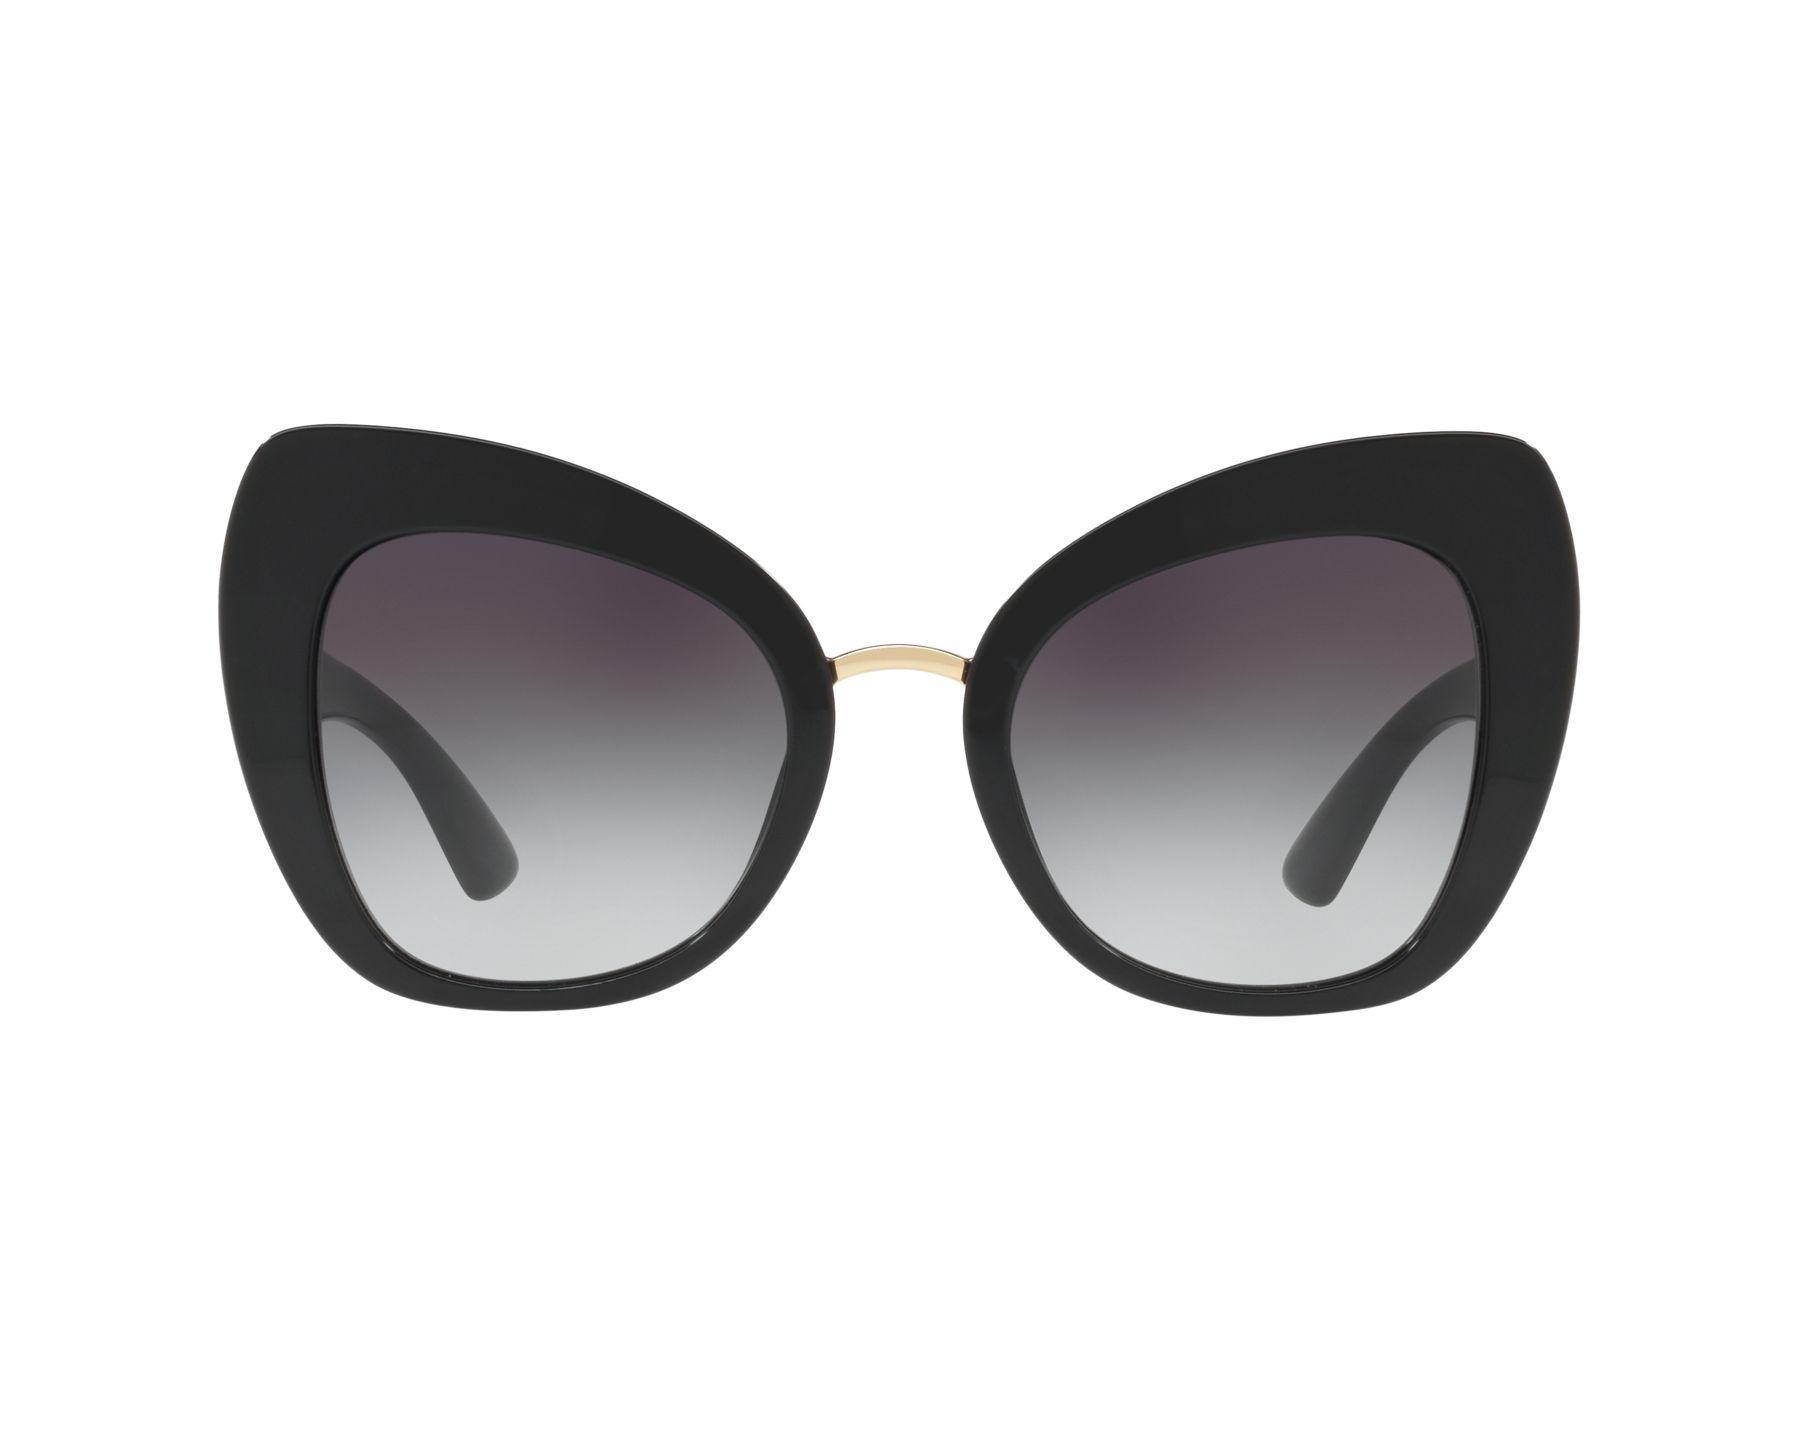 DOLCE & GABBANA Dolce & Gabbana Damen Sonnenbrille » DG4319«, schwarz, 501/8G - schwarz/grau